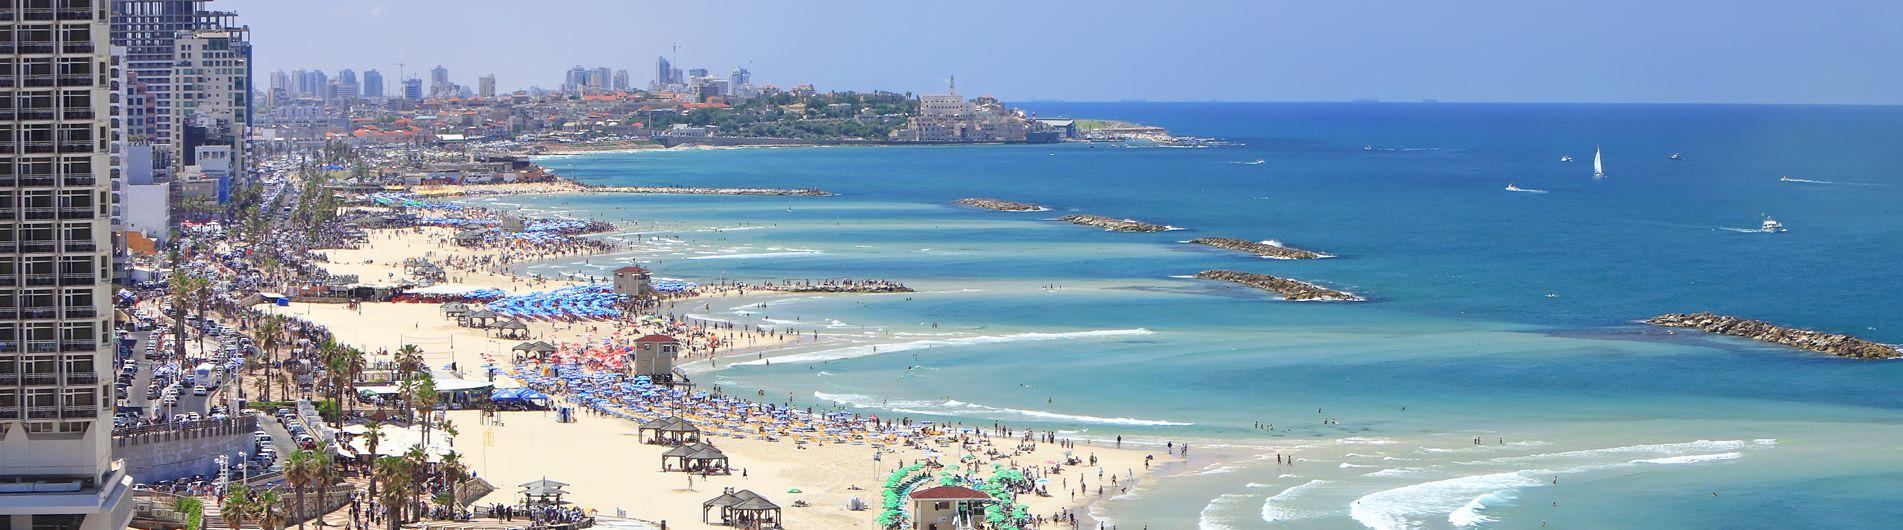 Tel Aviv, Israel Holidays